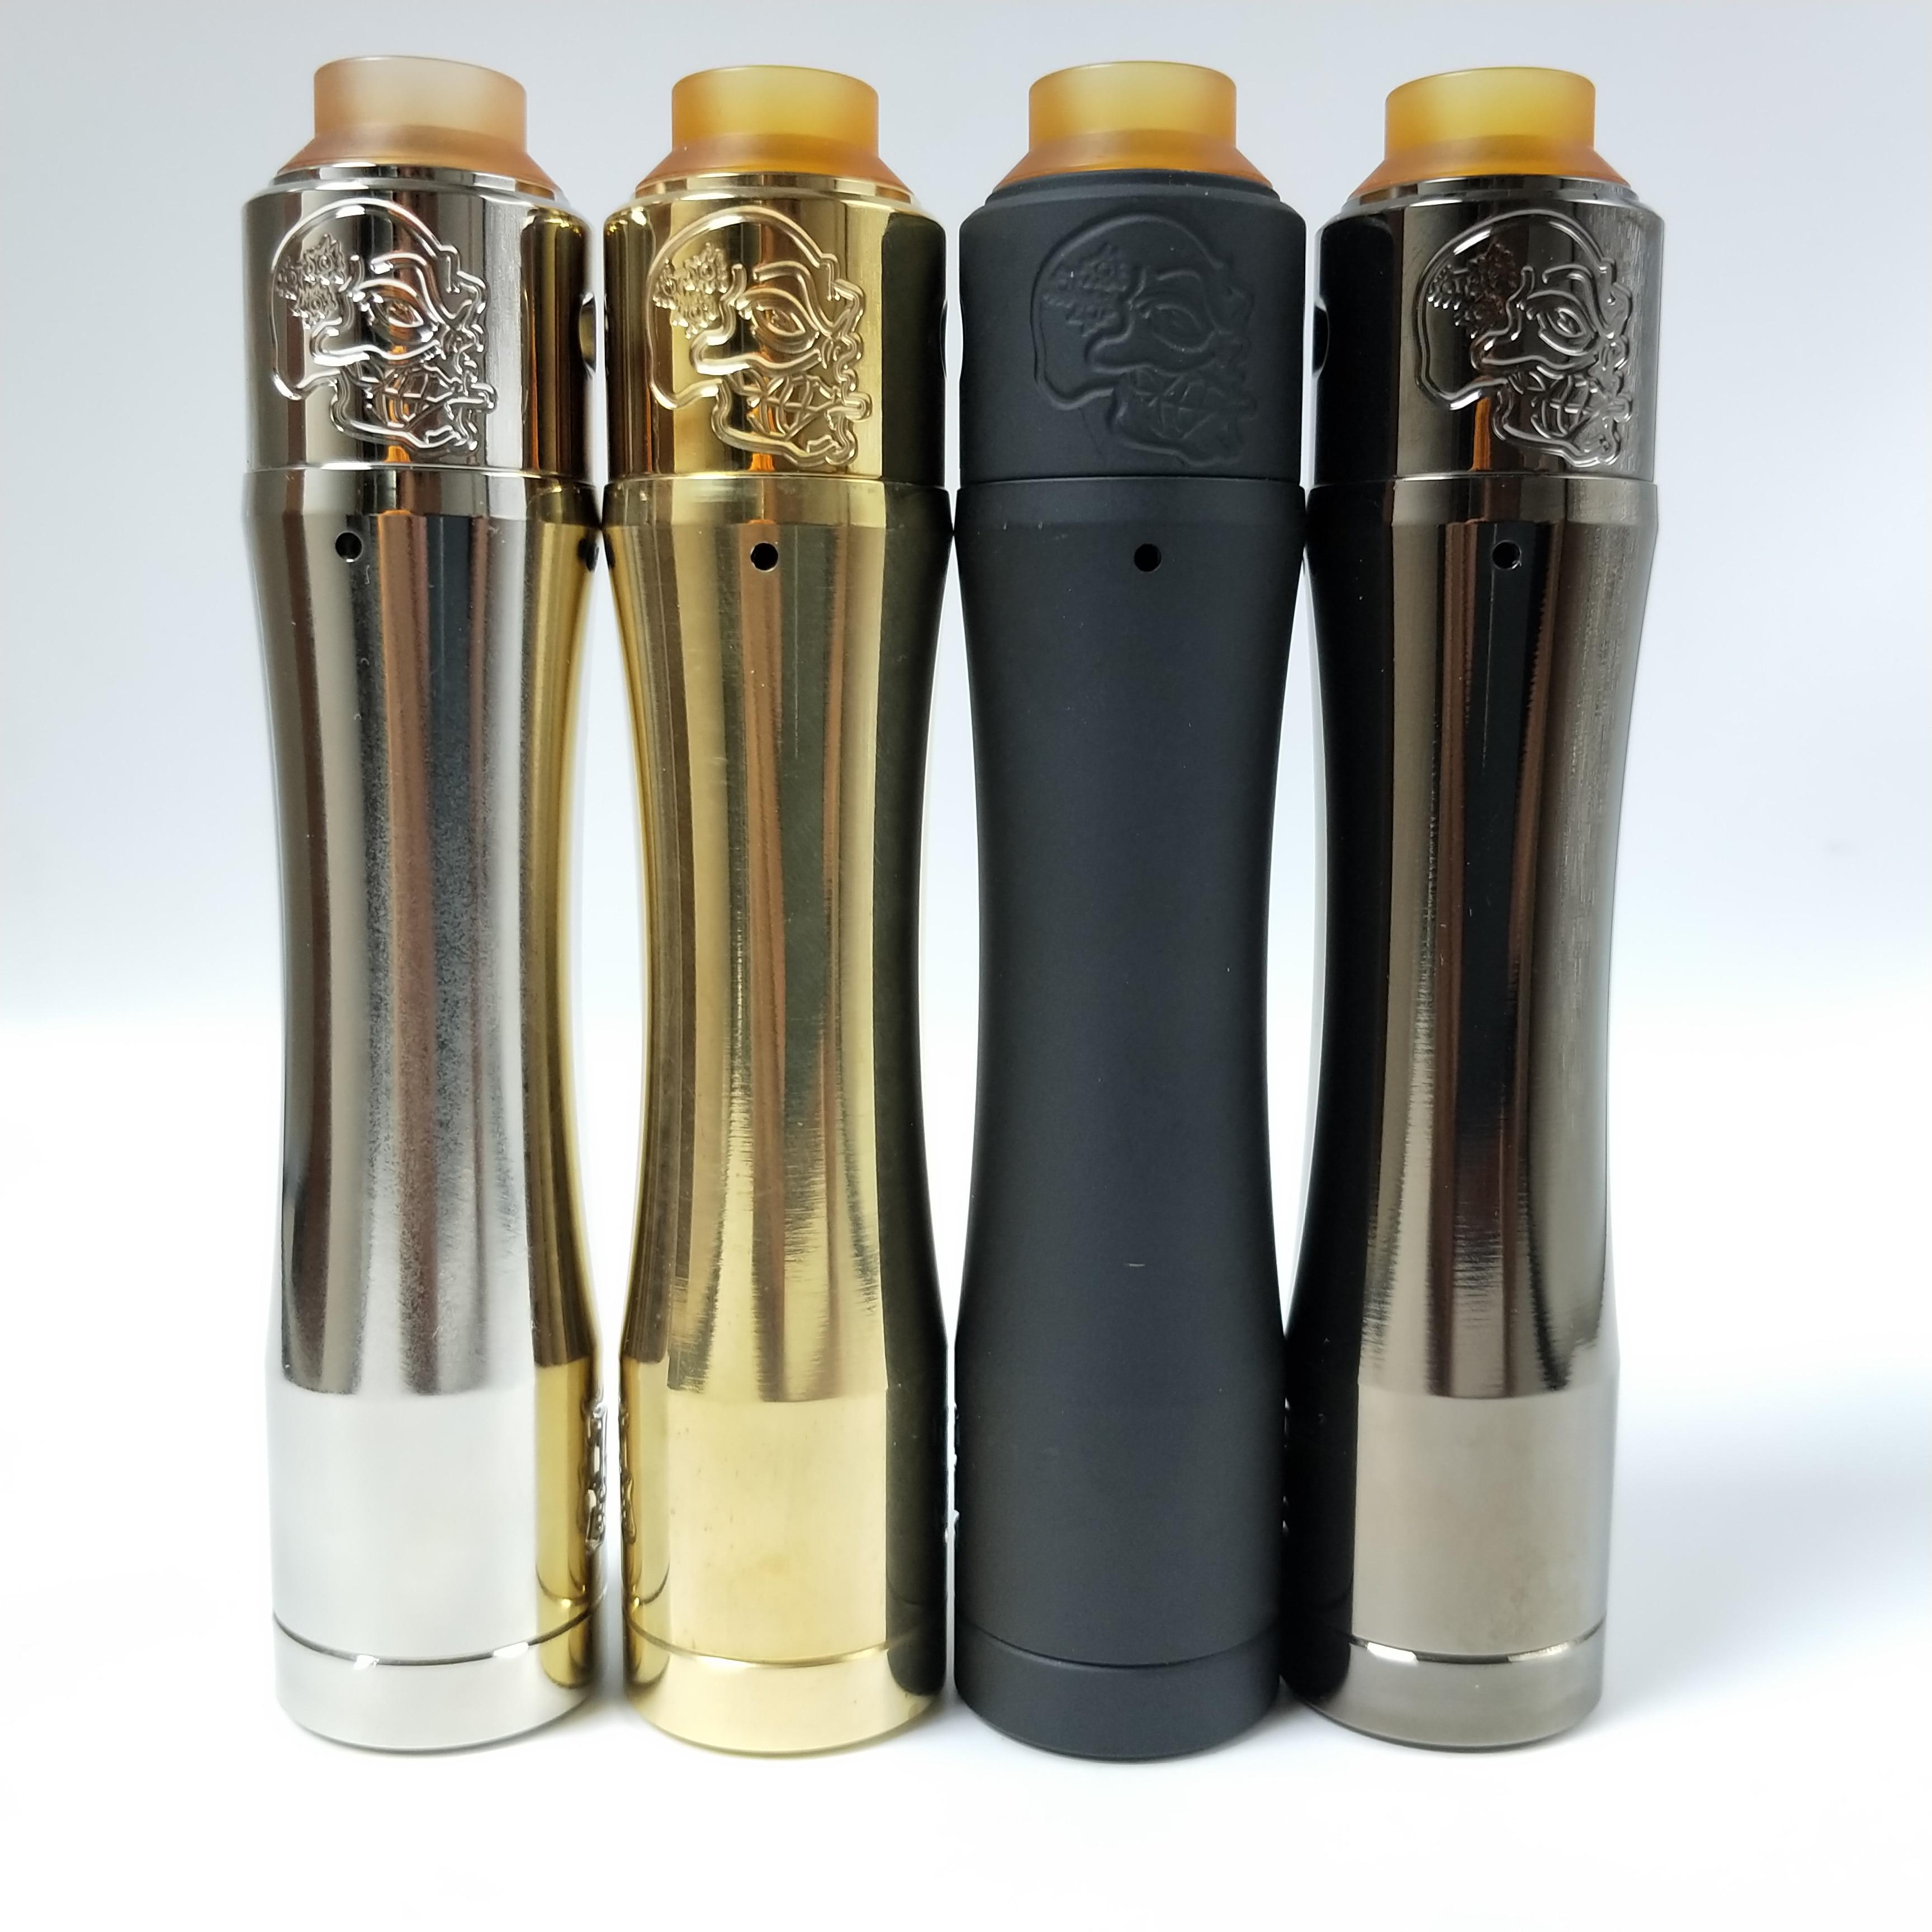 Le kit Mod Swerve 28mm 510 fil fit 21700 20700 18650 batterie vs claquement pièce pharaon mech vape mod fit taifun gtr rta